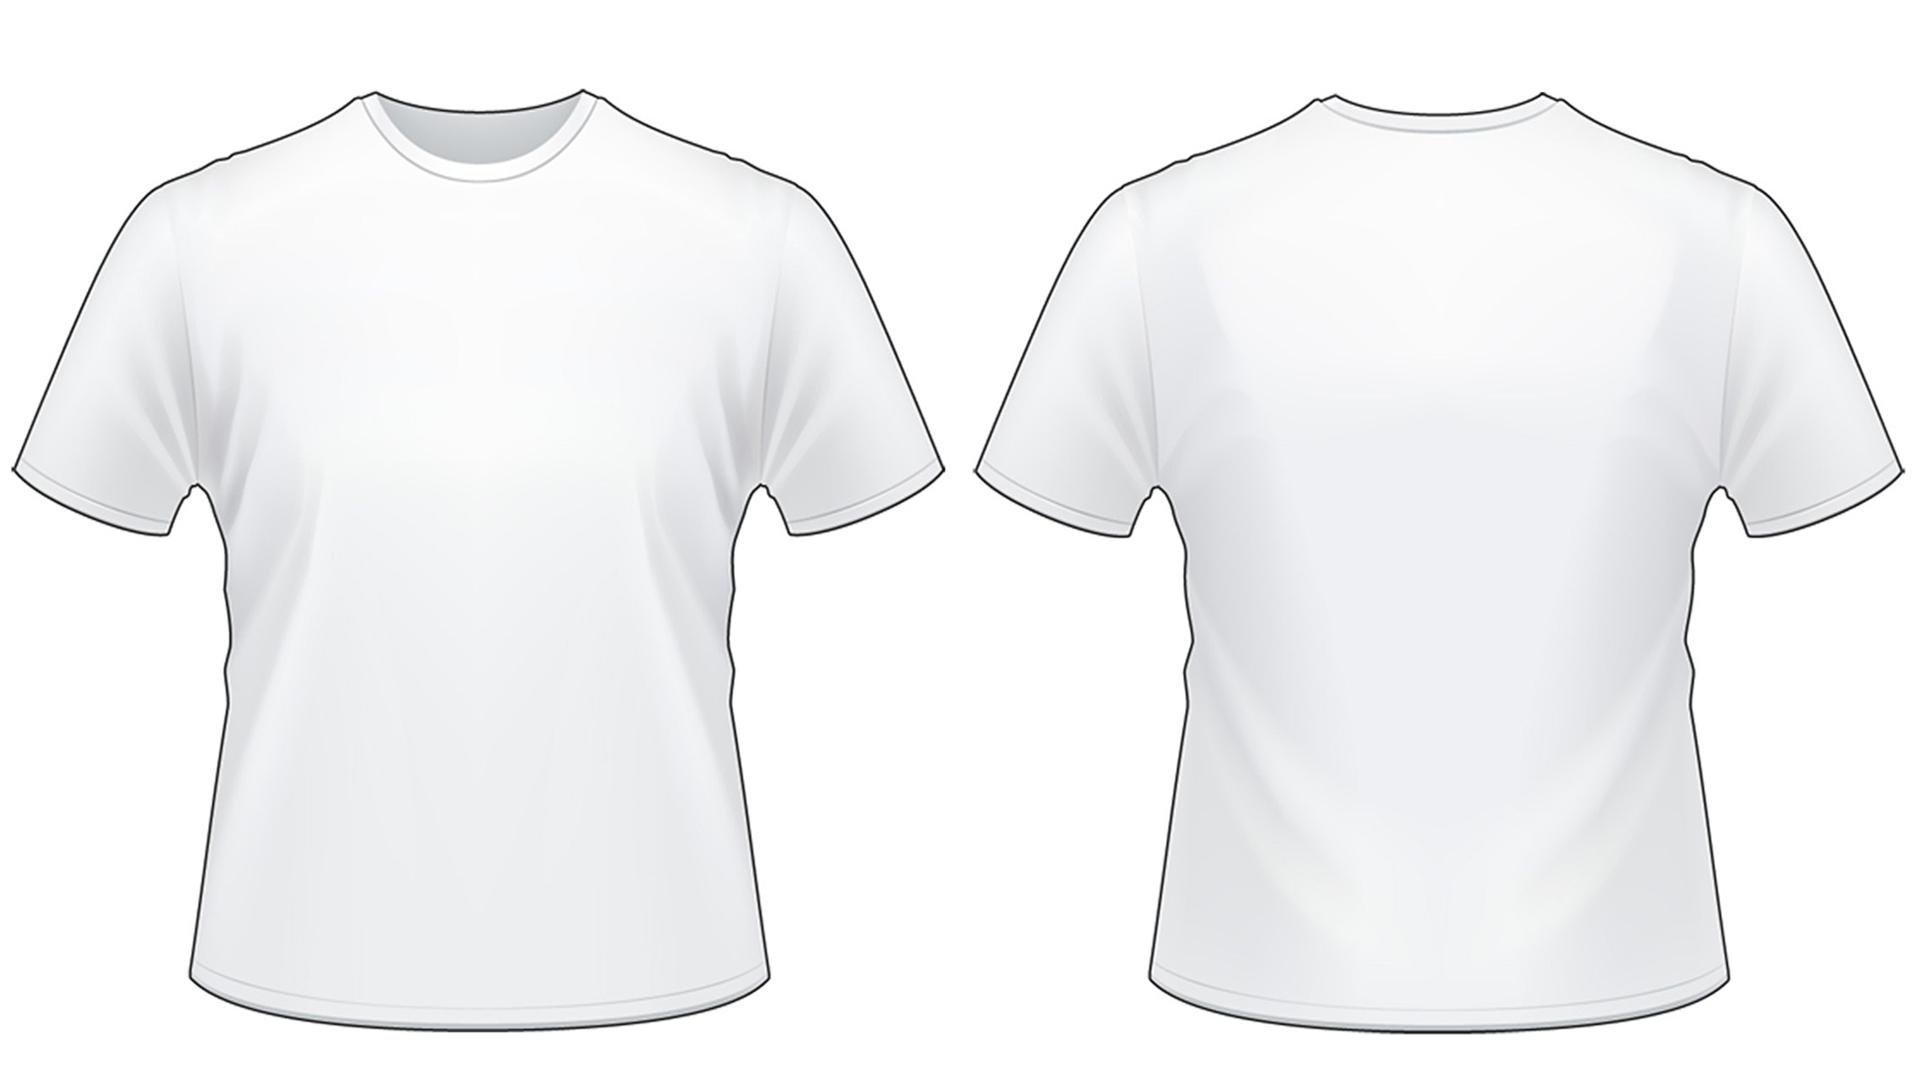 Blank Tshirt Template Worksheet in PNG.